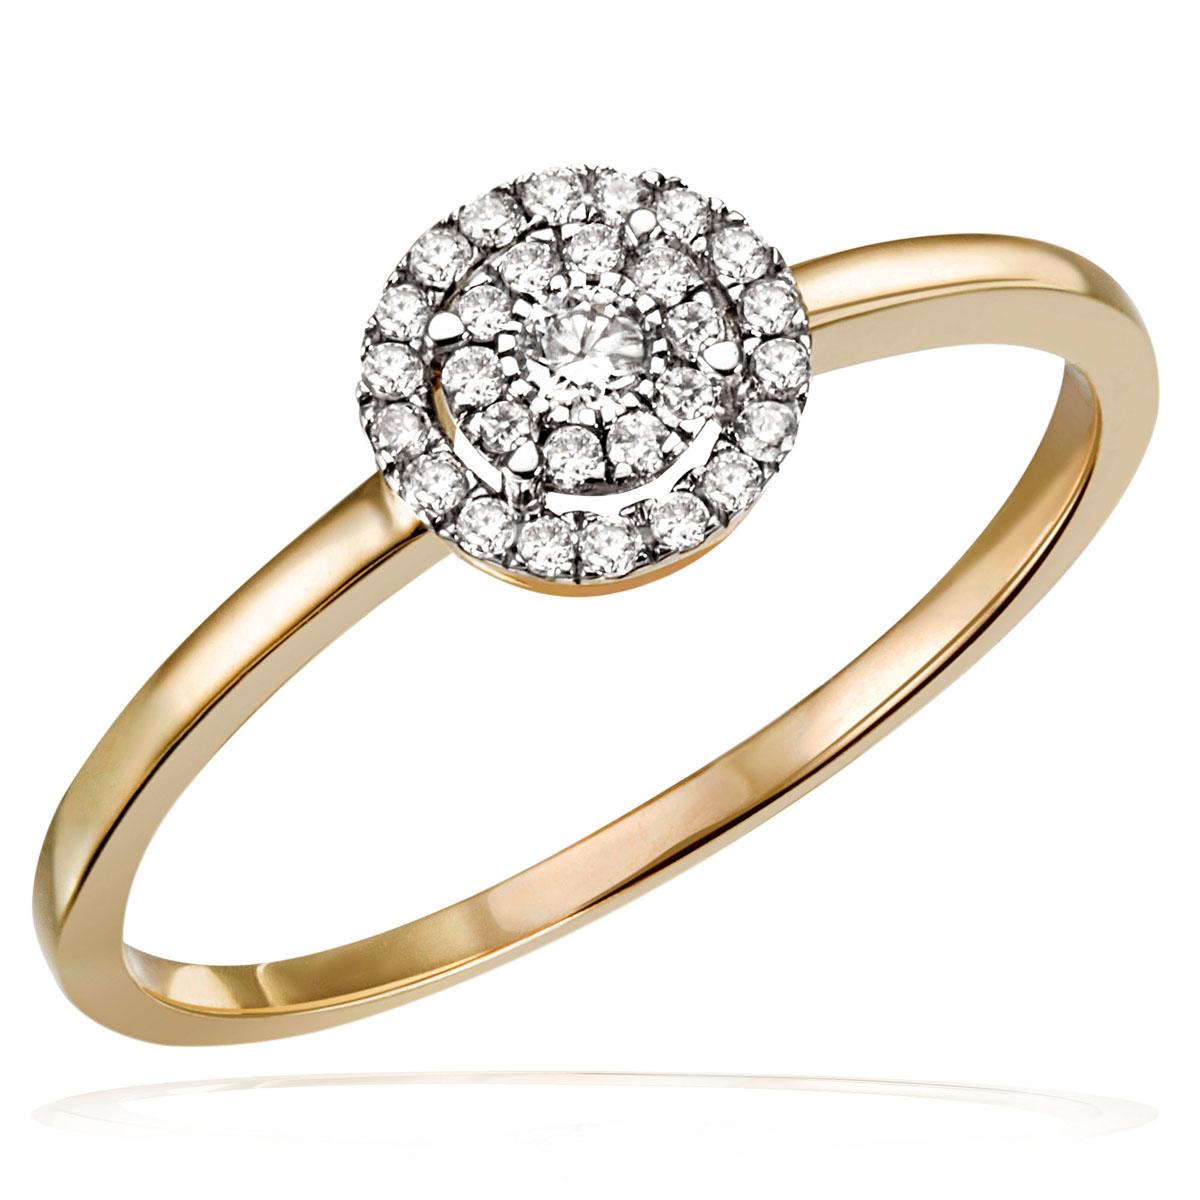 Goldmaid-Halskette-oder-Ring-585-Gelbgold-29-Brillanten-0-16-ct-Echtschmuck-Neu